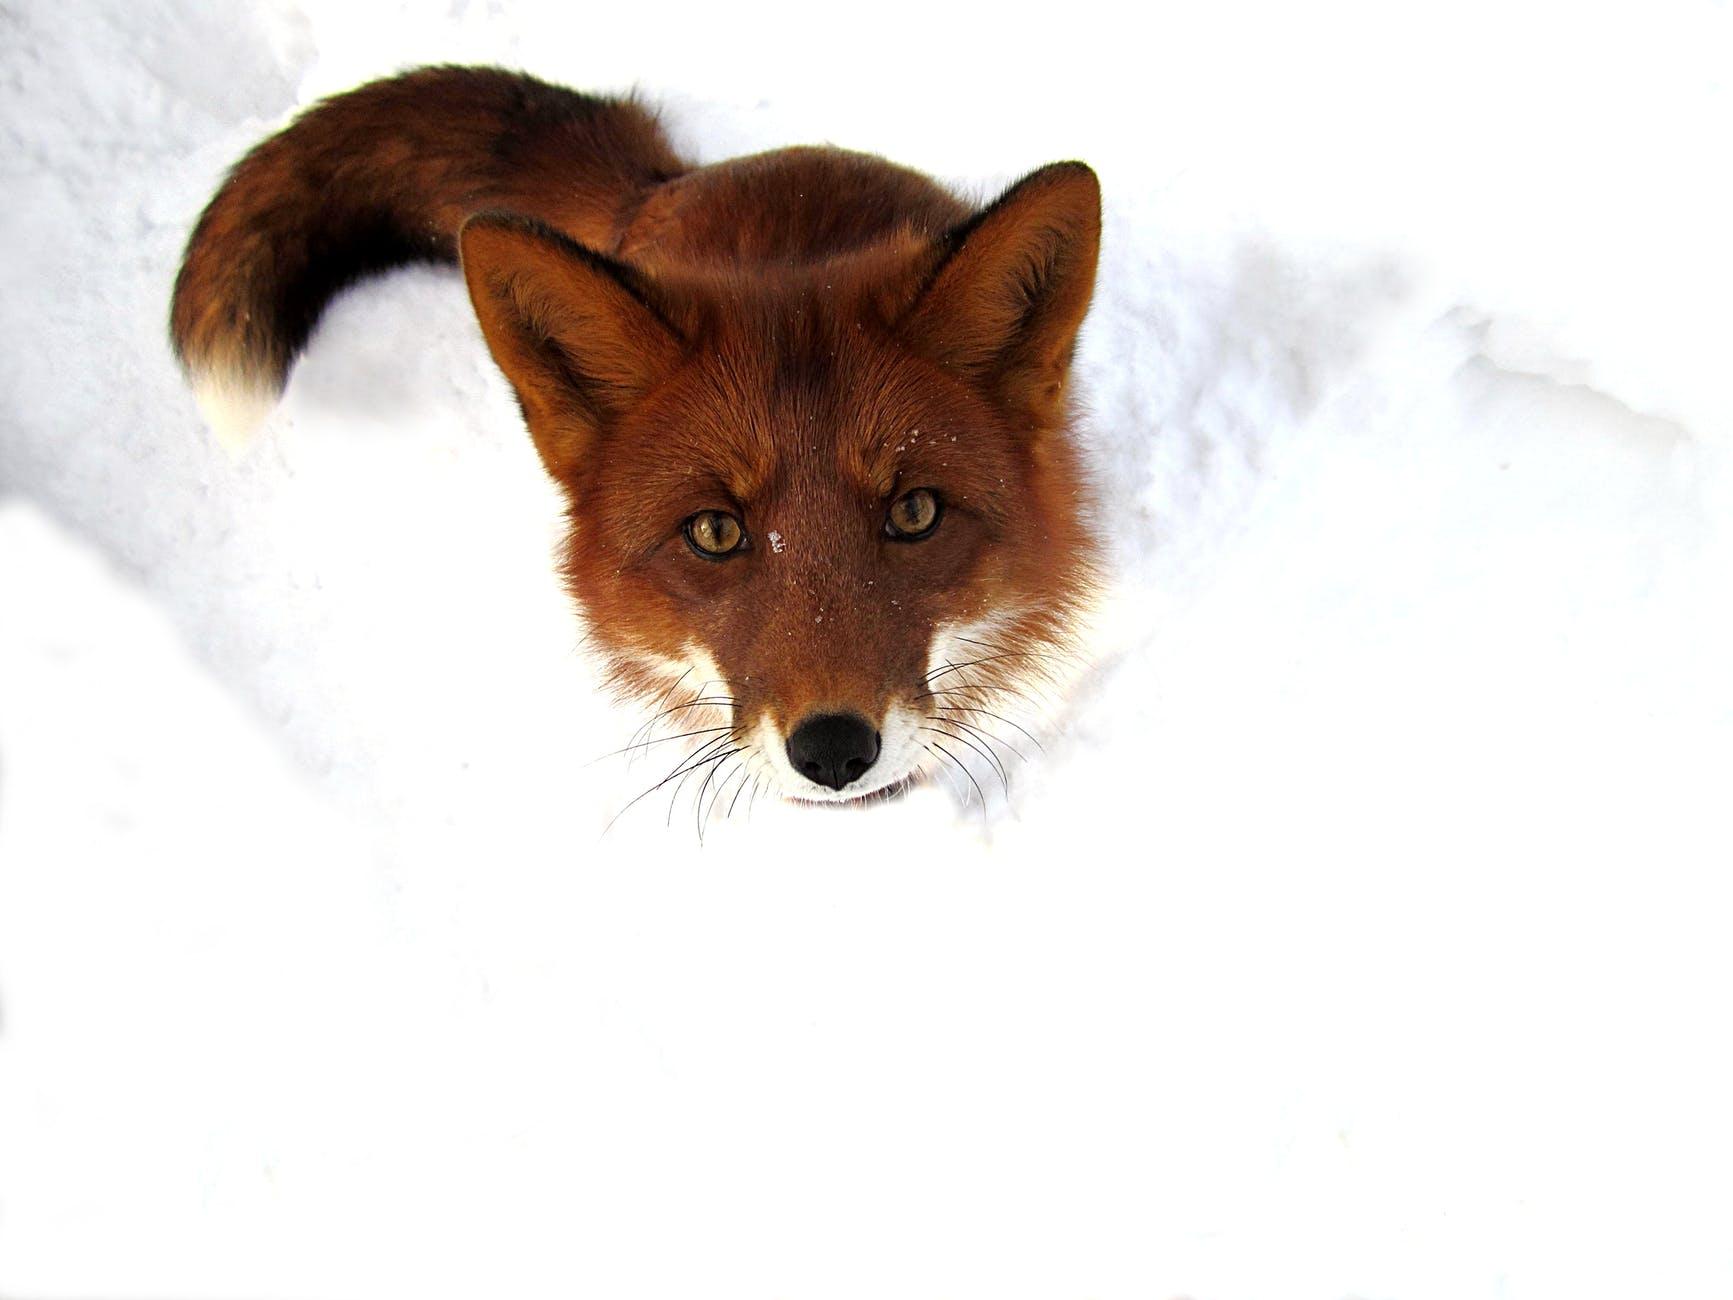 wild fluffy fox on snowy ground in winter